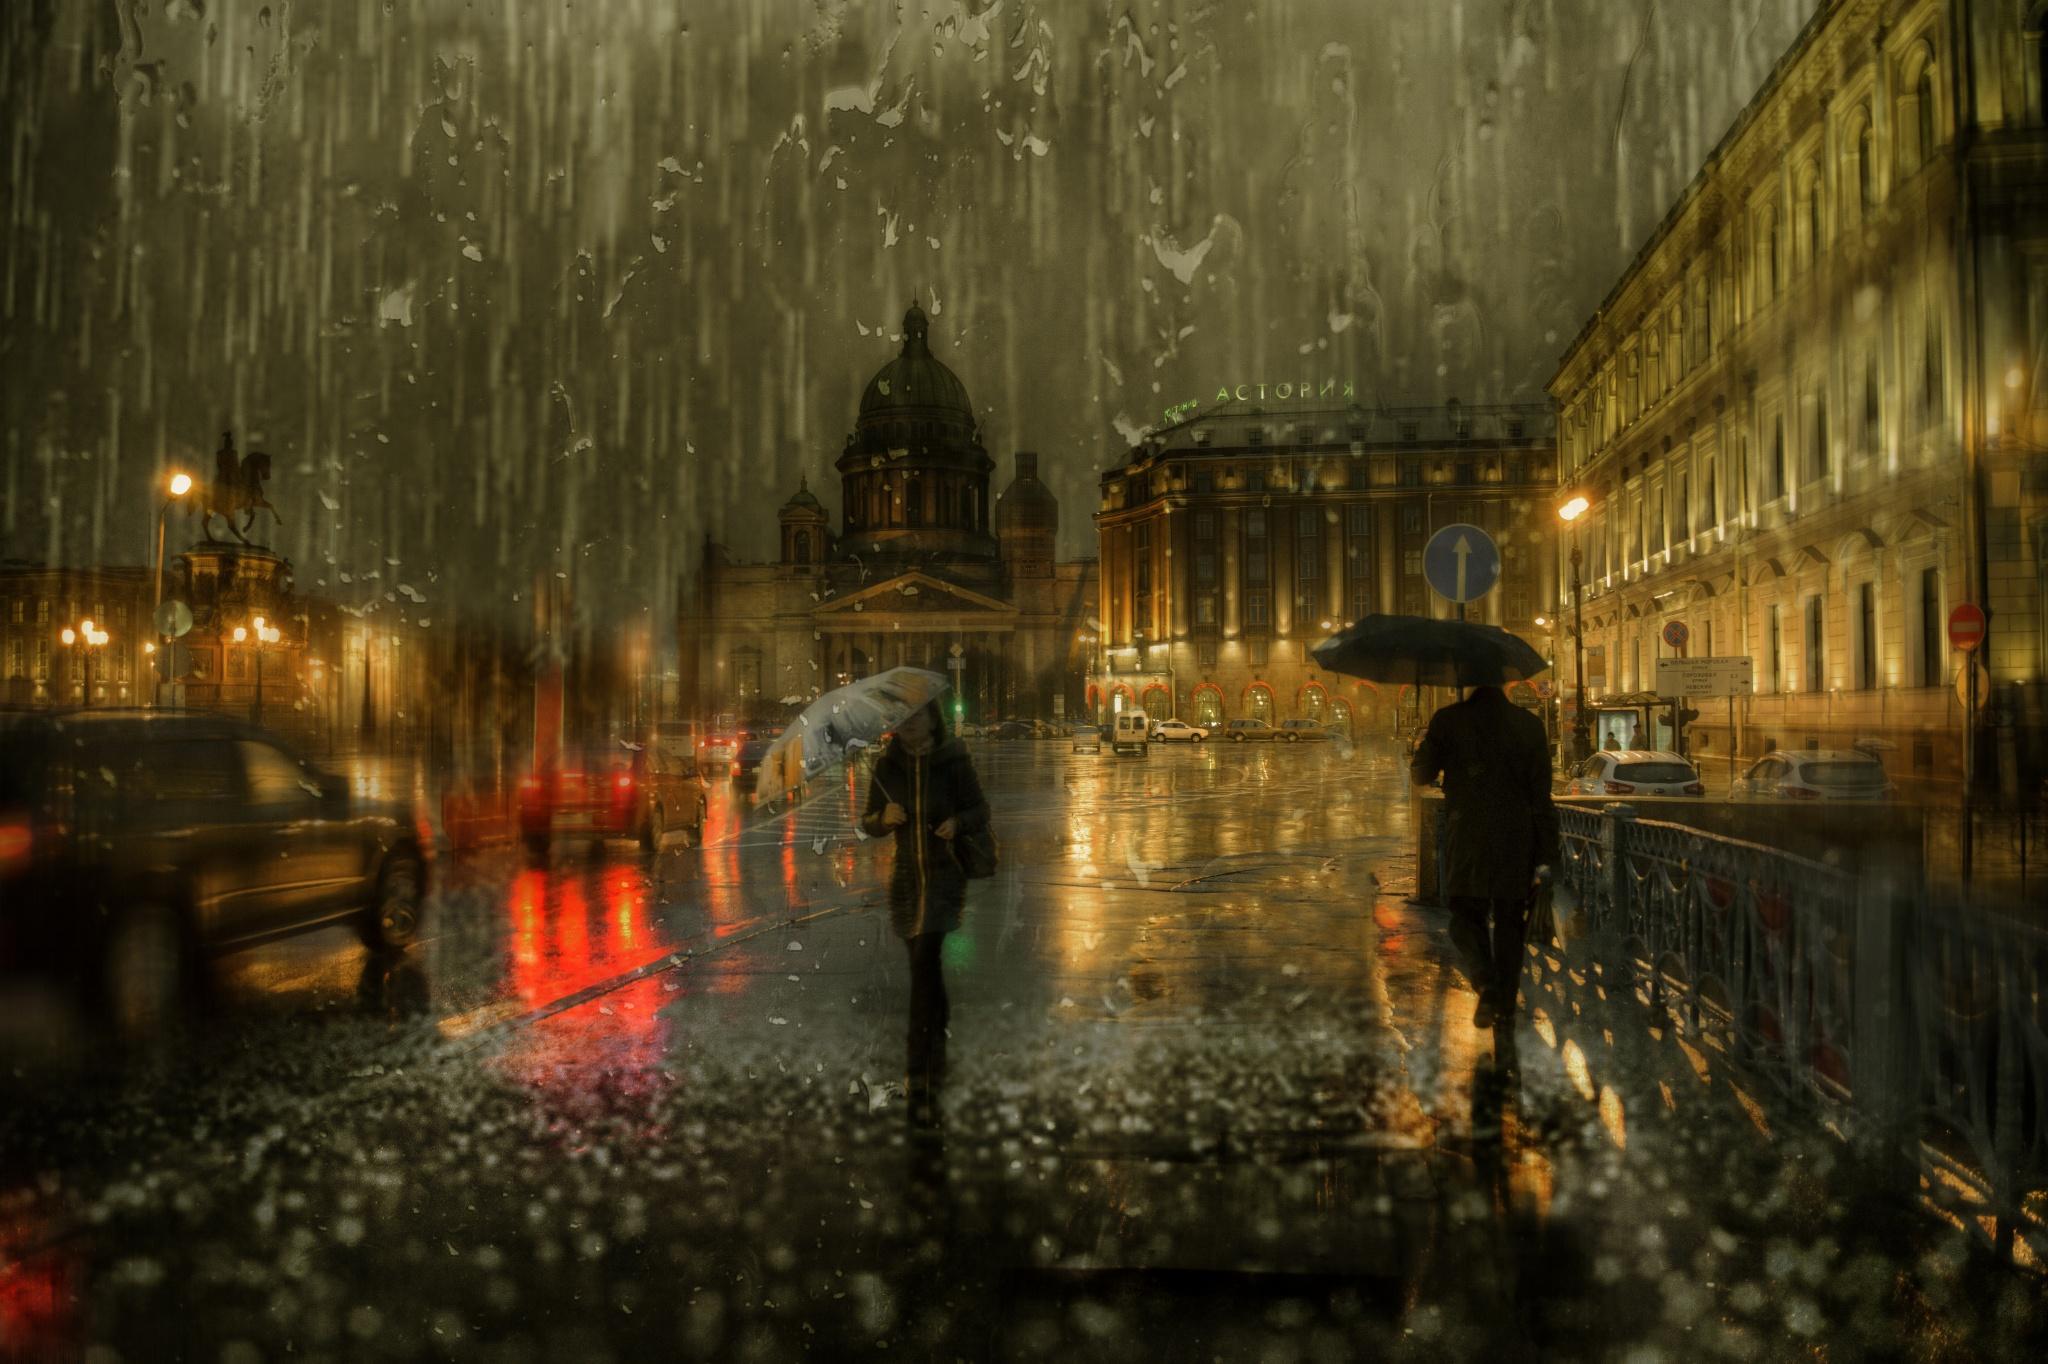 pluie-rue-st-petersbou...